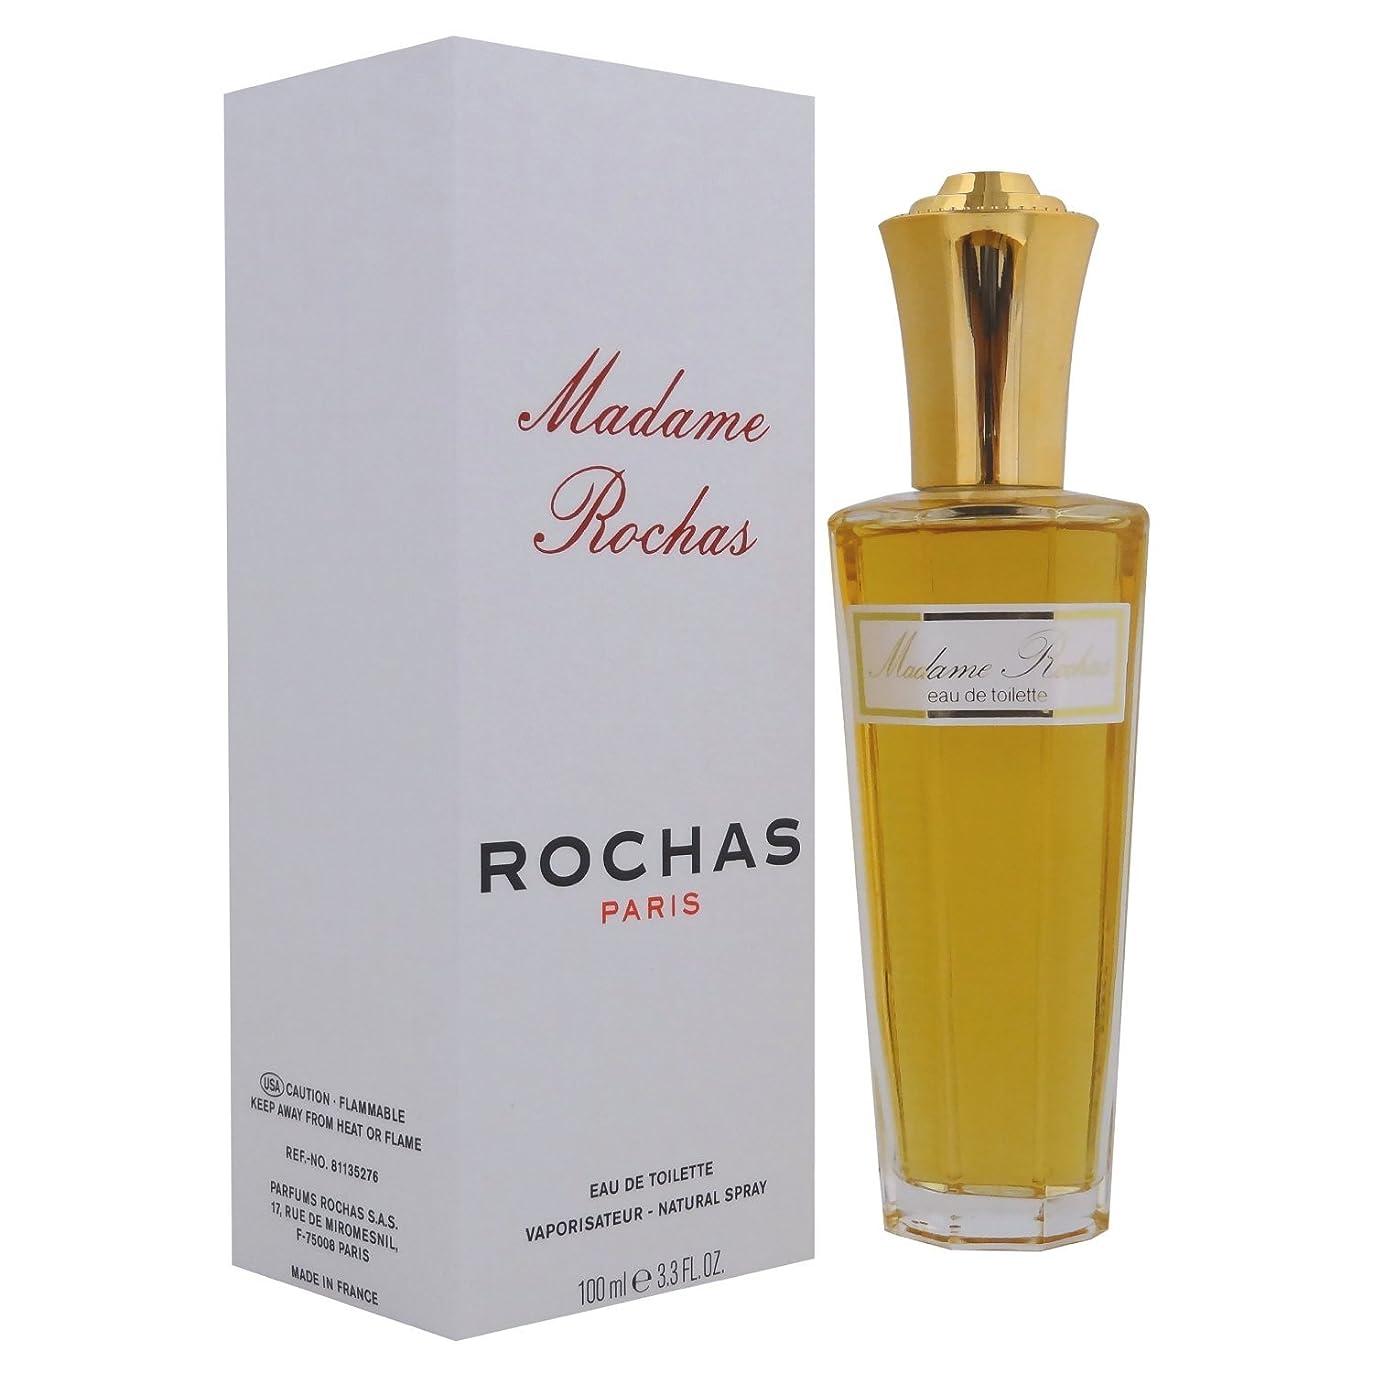 寛解変成器単独でROCHAS Madame Rochas マダム ロシャス EDT 100ml